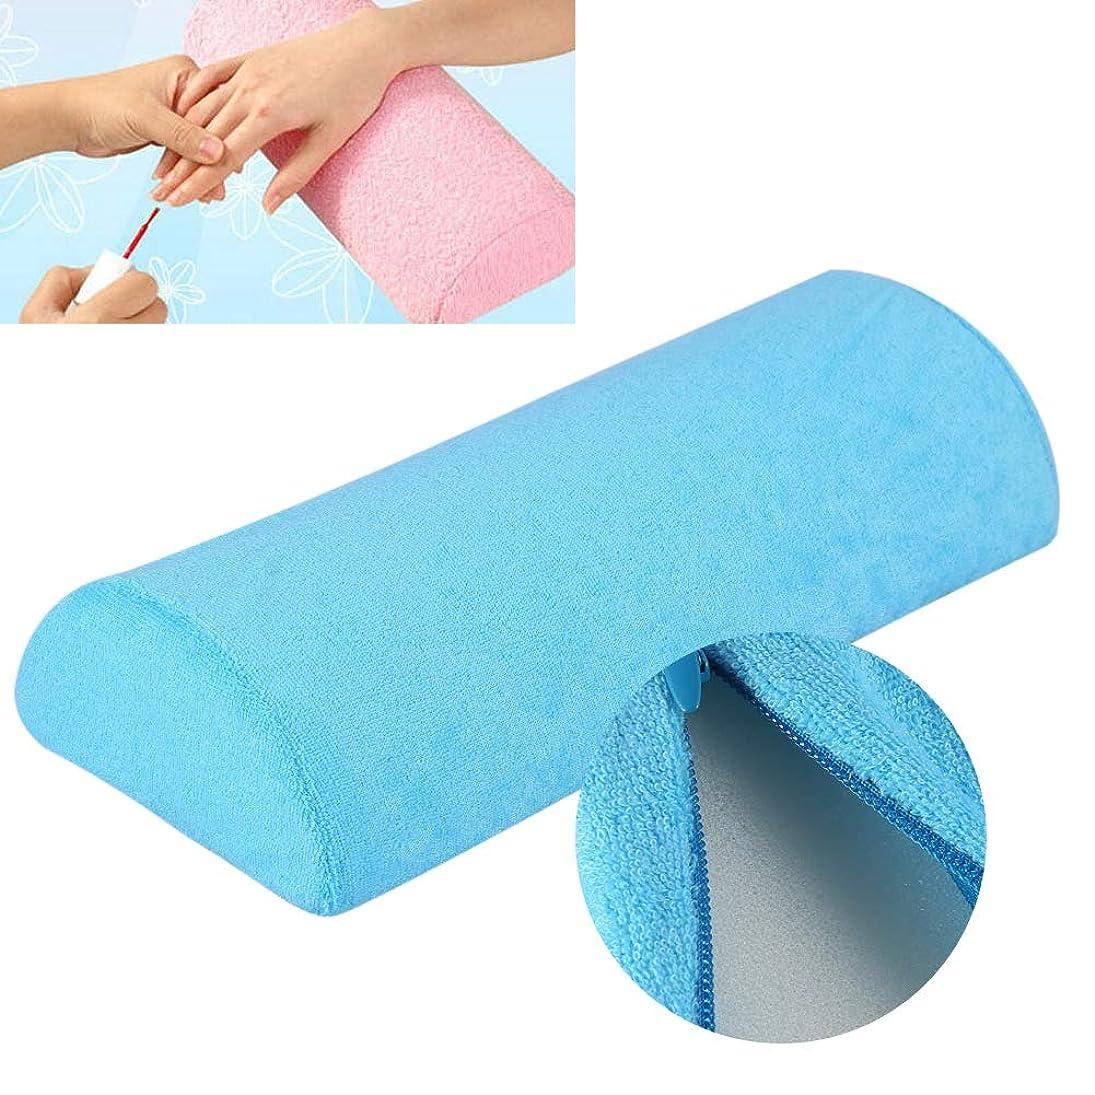 メンテナンス悪い耐えられないdootiネイル用アームレスト 取り外し可能 洗える ハンドレストクッション ネイル ハンドクッション 10色 (09)